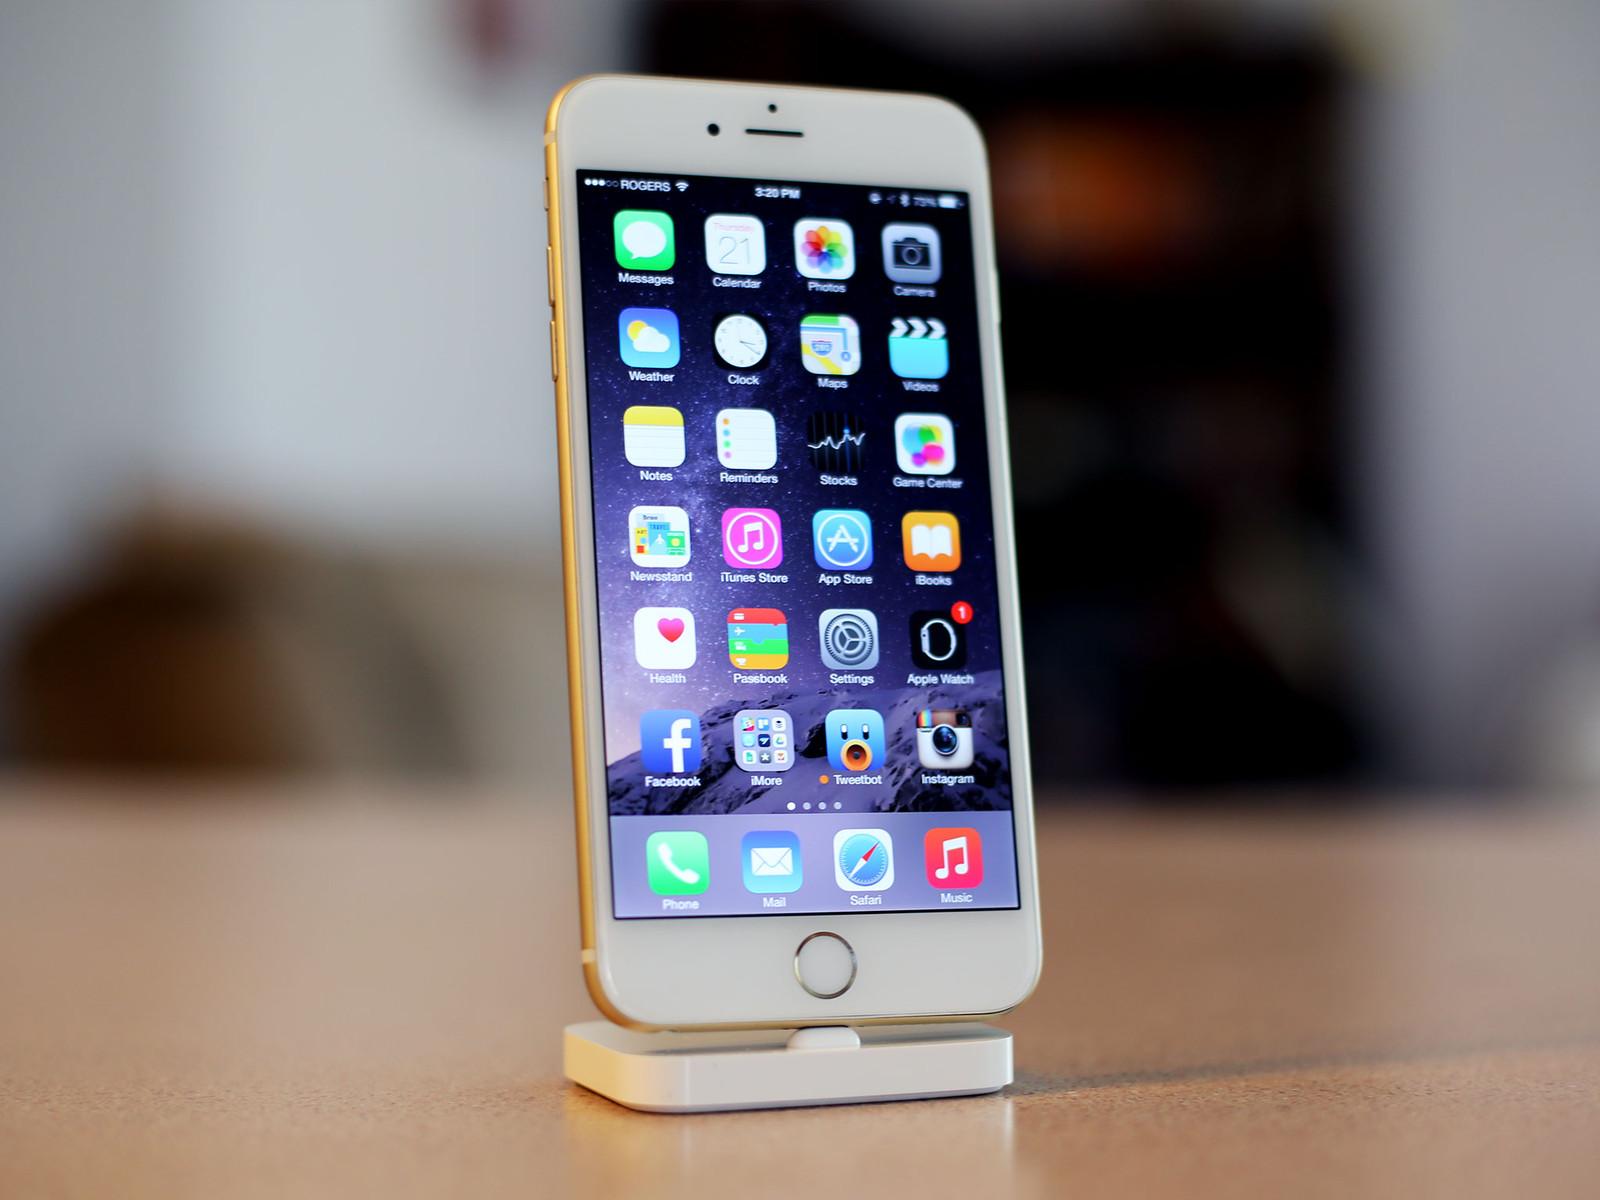 iphone 6s 1 - فيديو.. جوال آيفون يسقط من طائرة ويستمر في العمل لعام كامل في جنوب أيسلندا